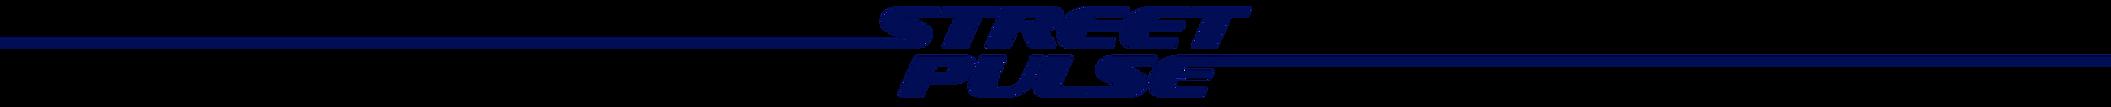 Street_Pulse_logo_2_lange_streker_mørk_